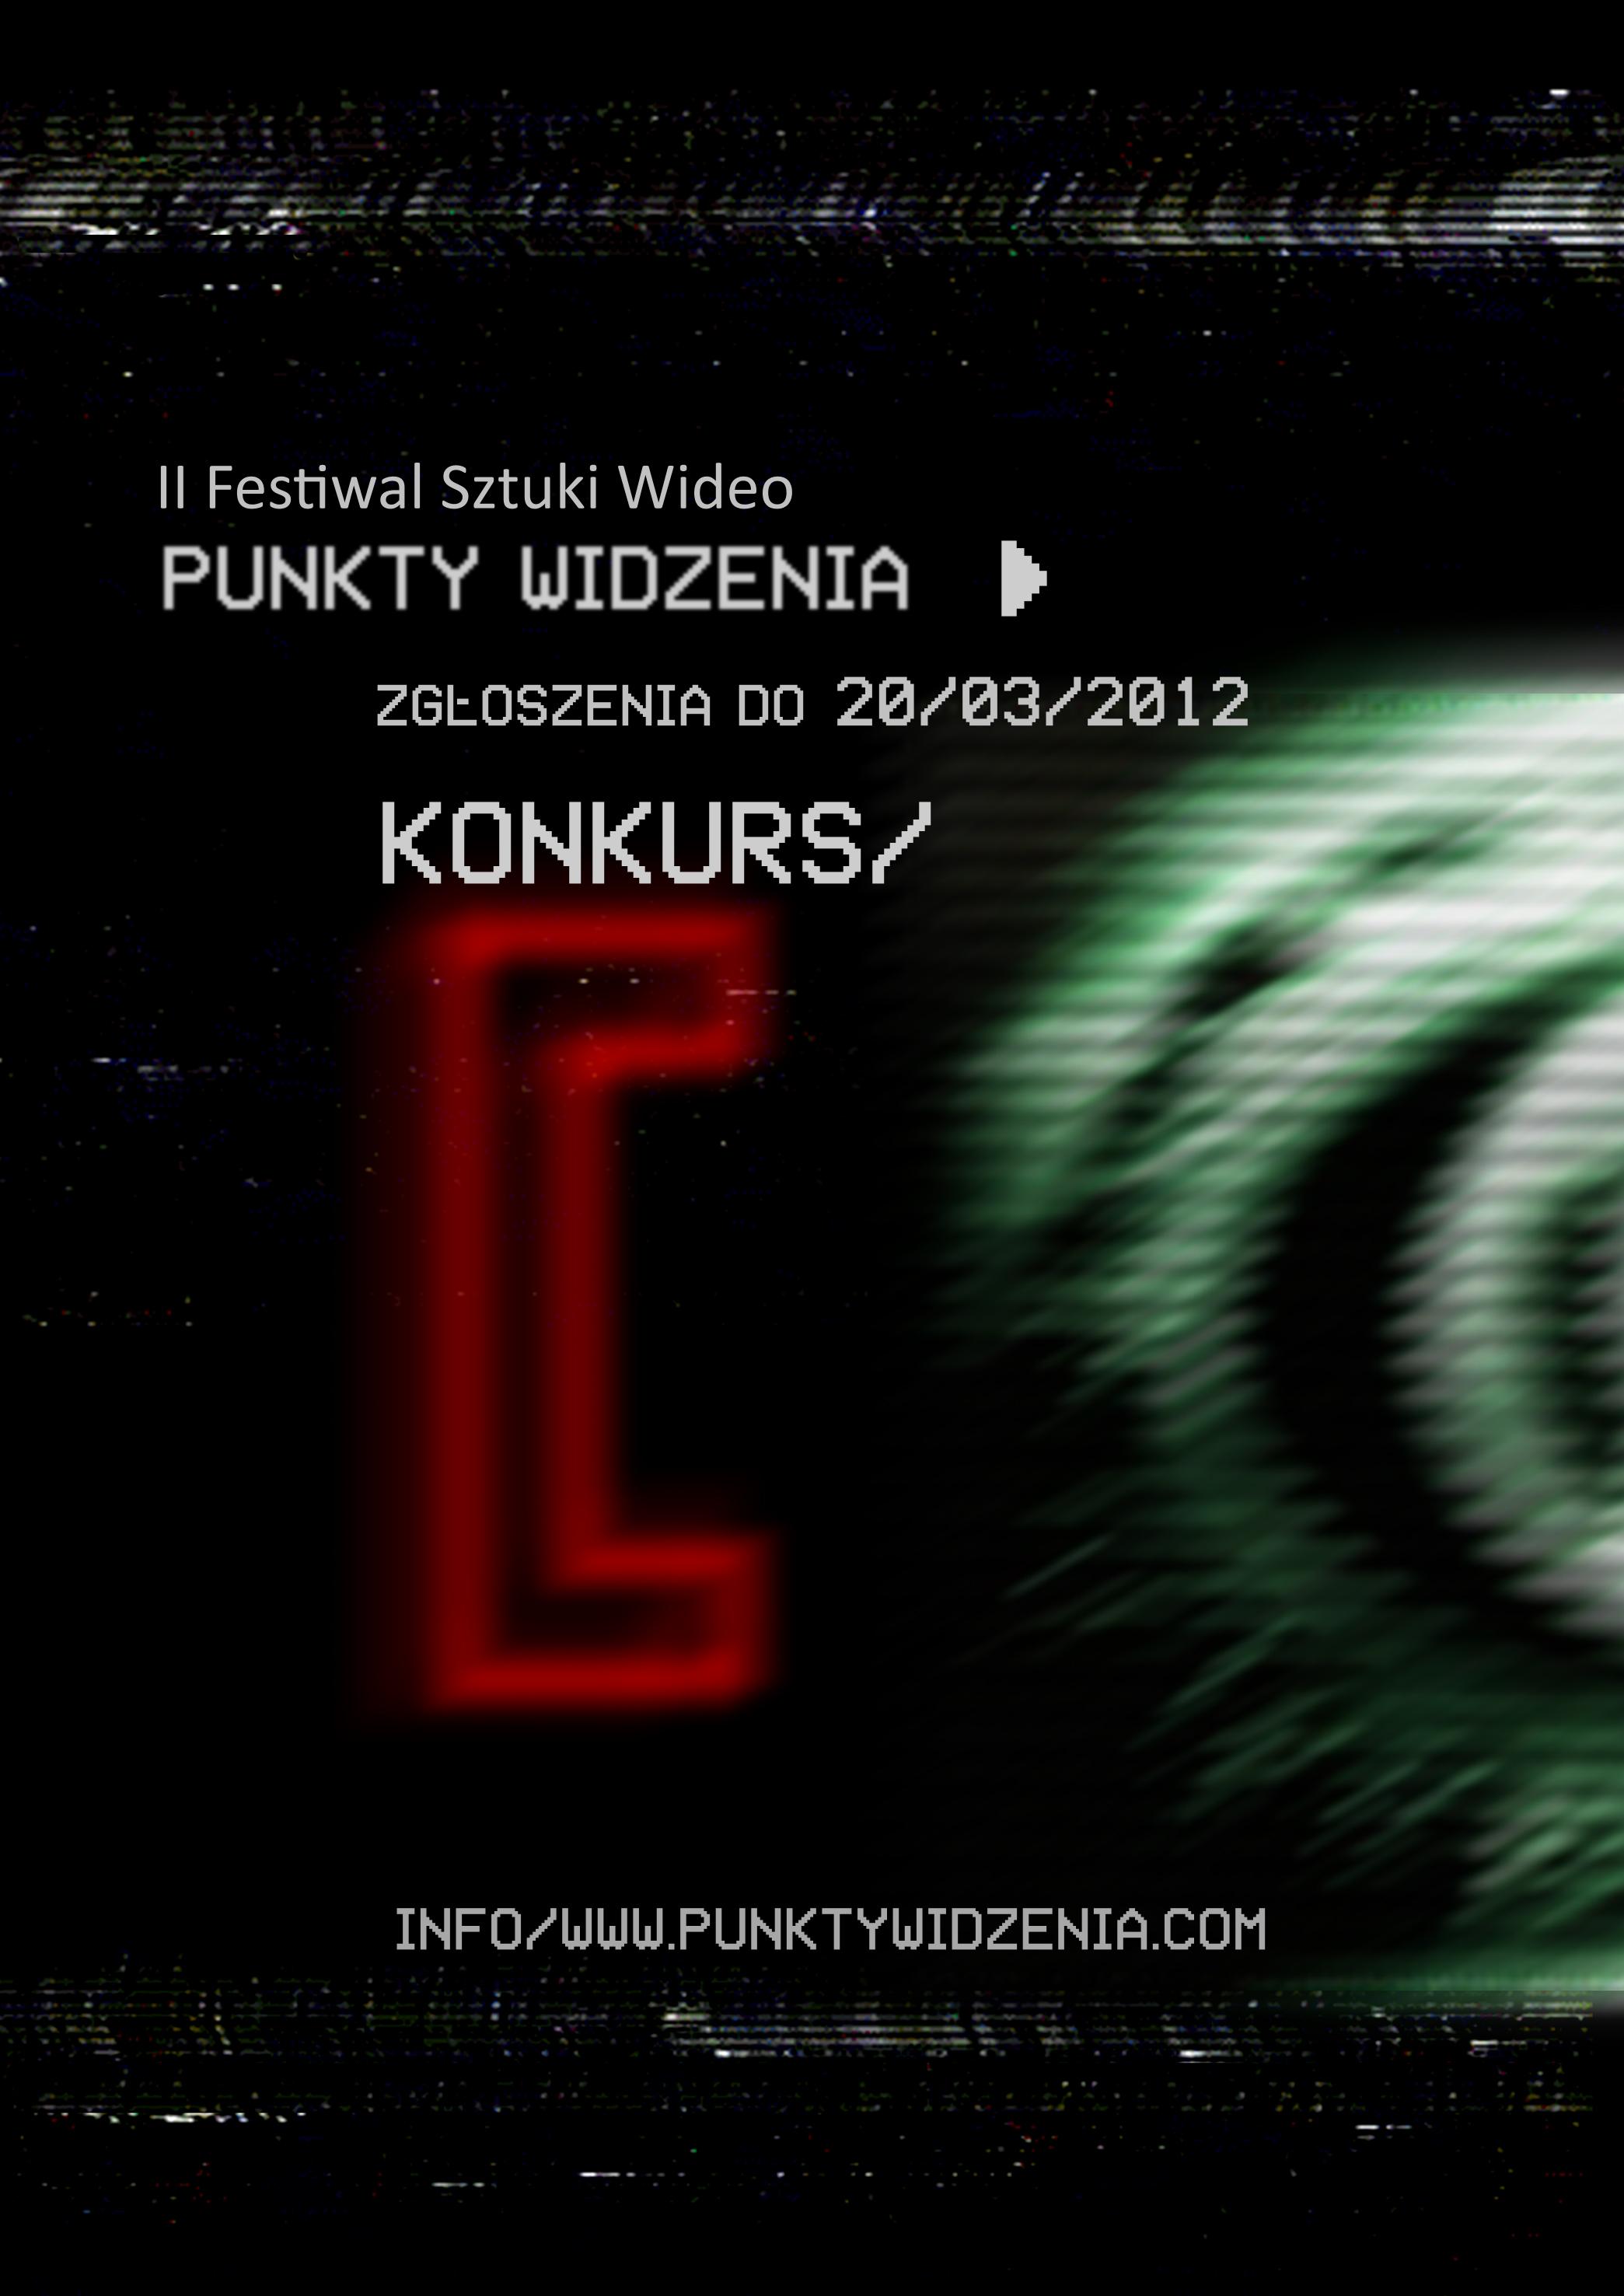 Festiwal Punty Widzenia - konkurs (źródło: materiały prasowe organizatora)